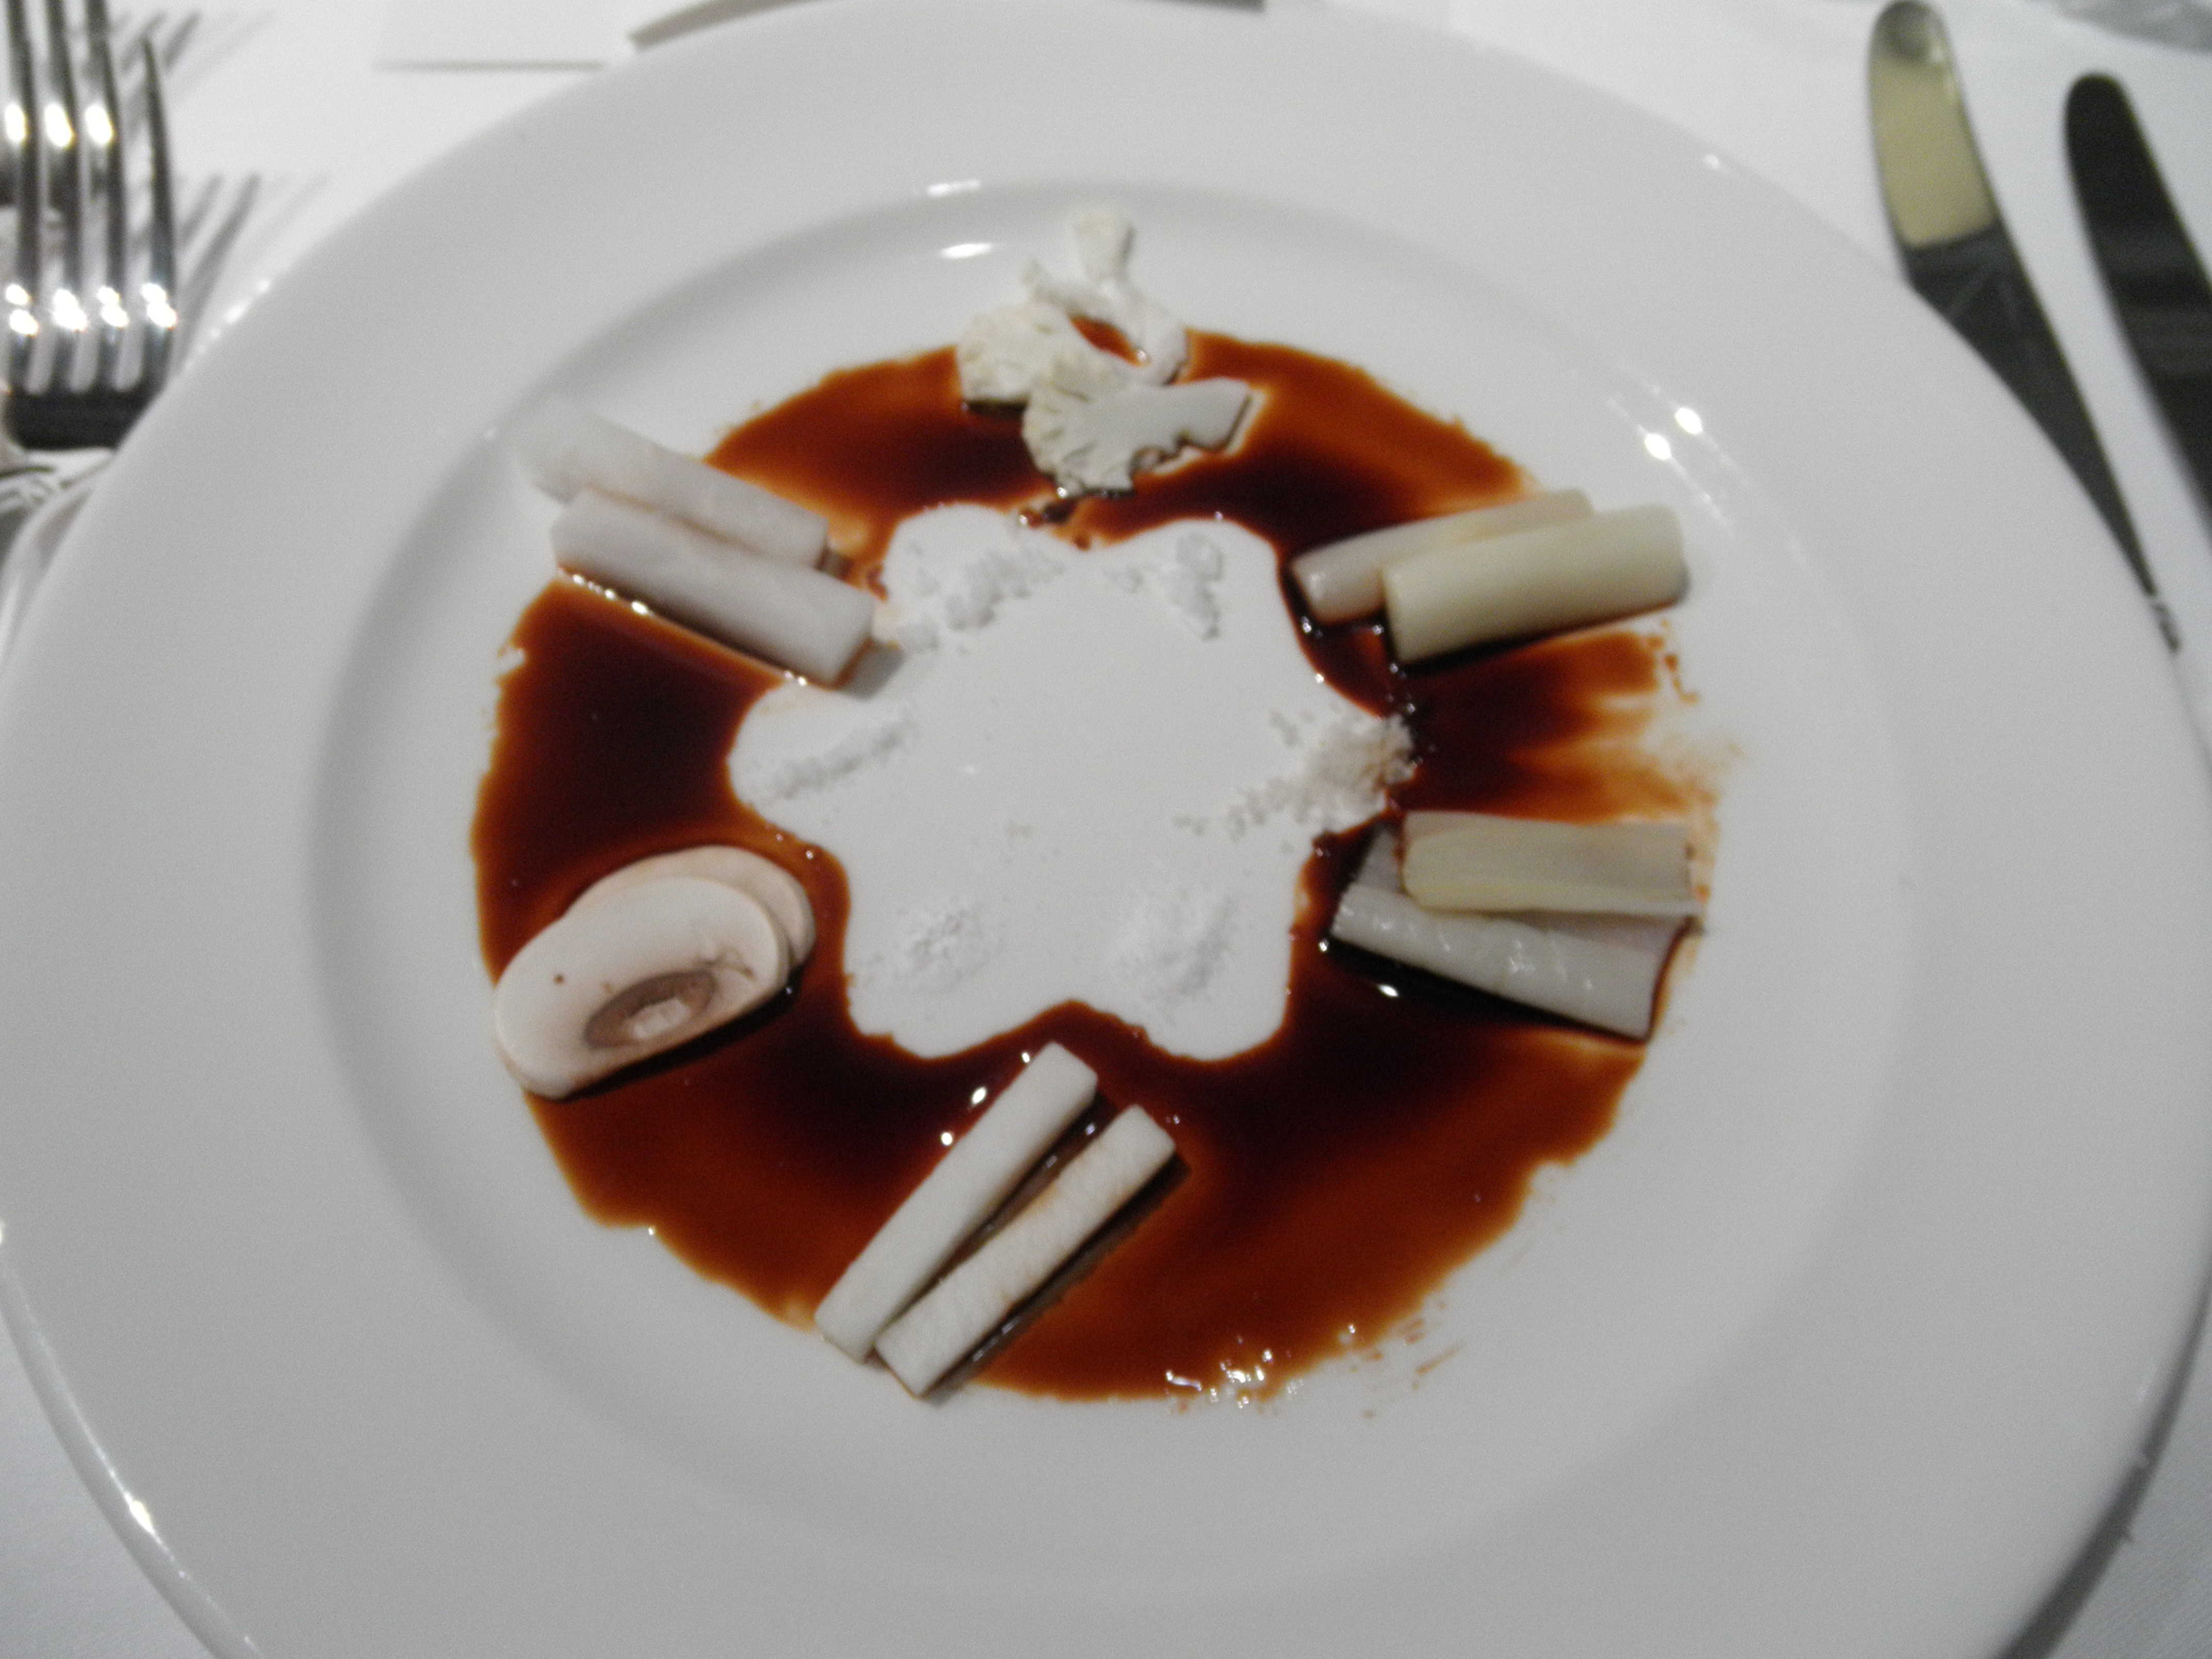 モンブランの白い晩餐_d0339890_12342725.jpg